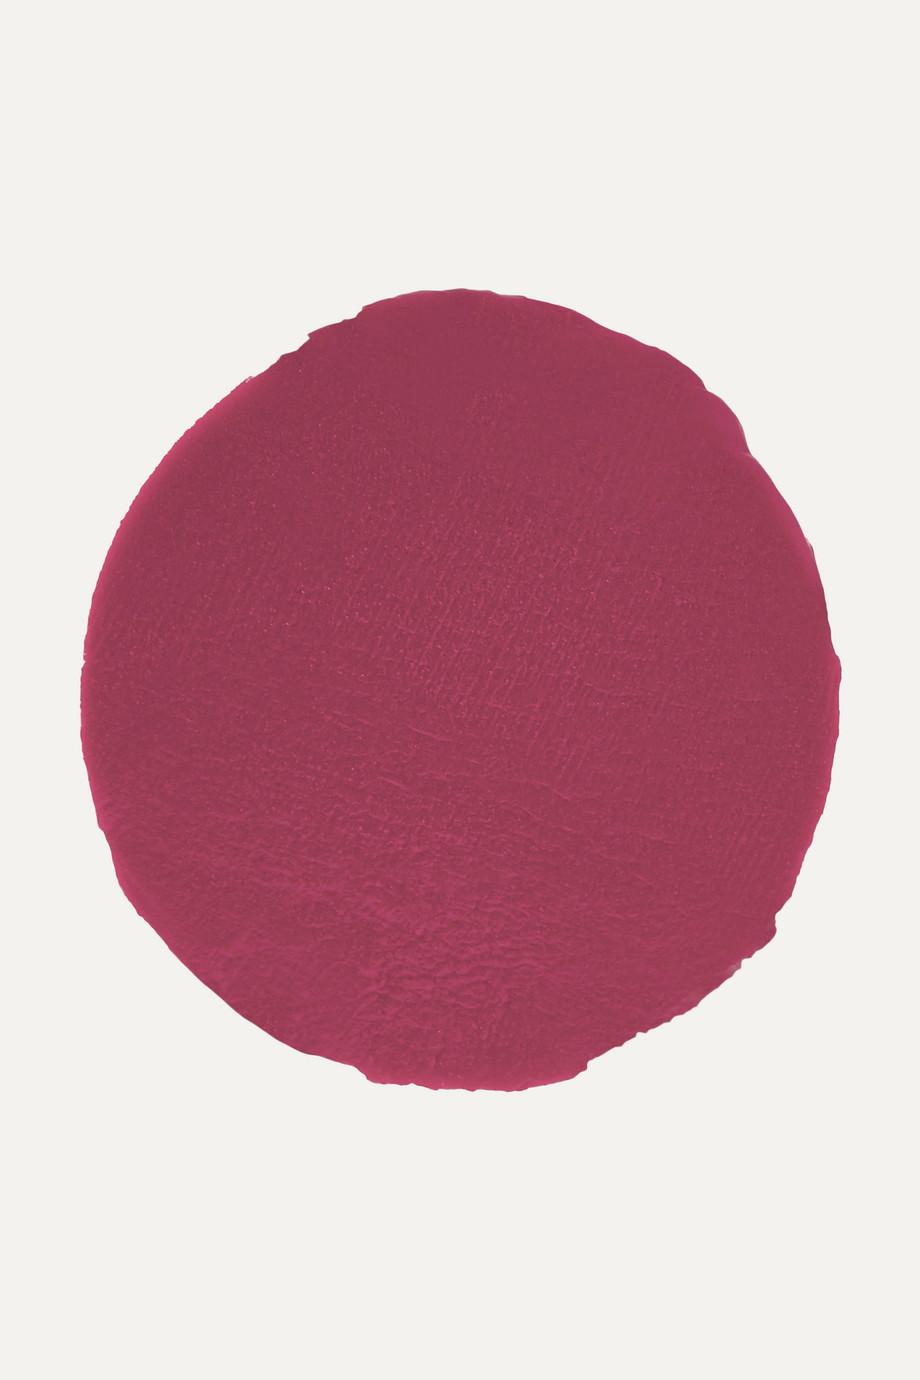 Bobbi Brown Luxe Lip Color - Rose Blossom